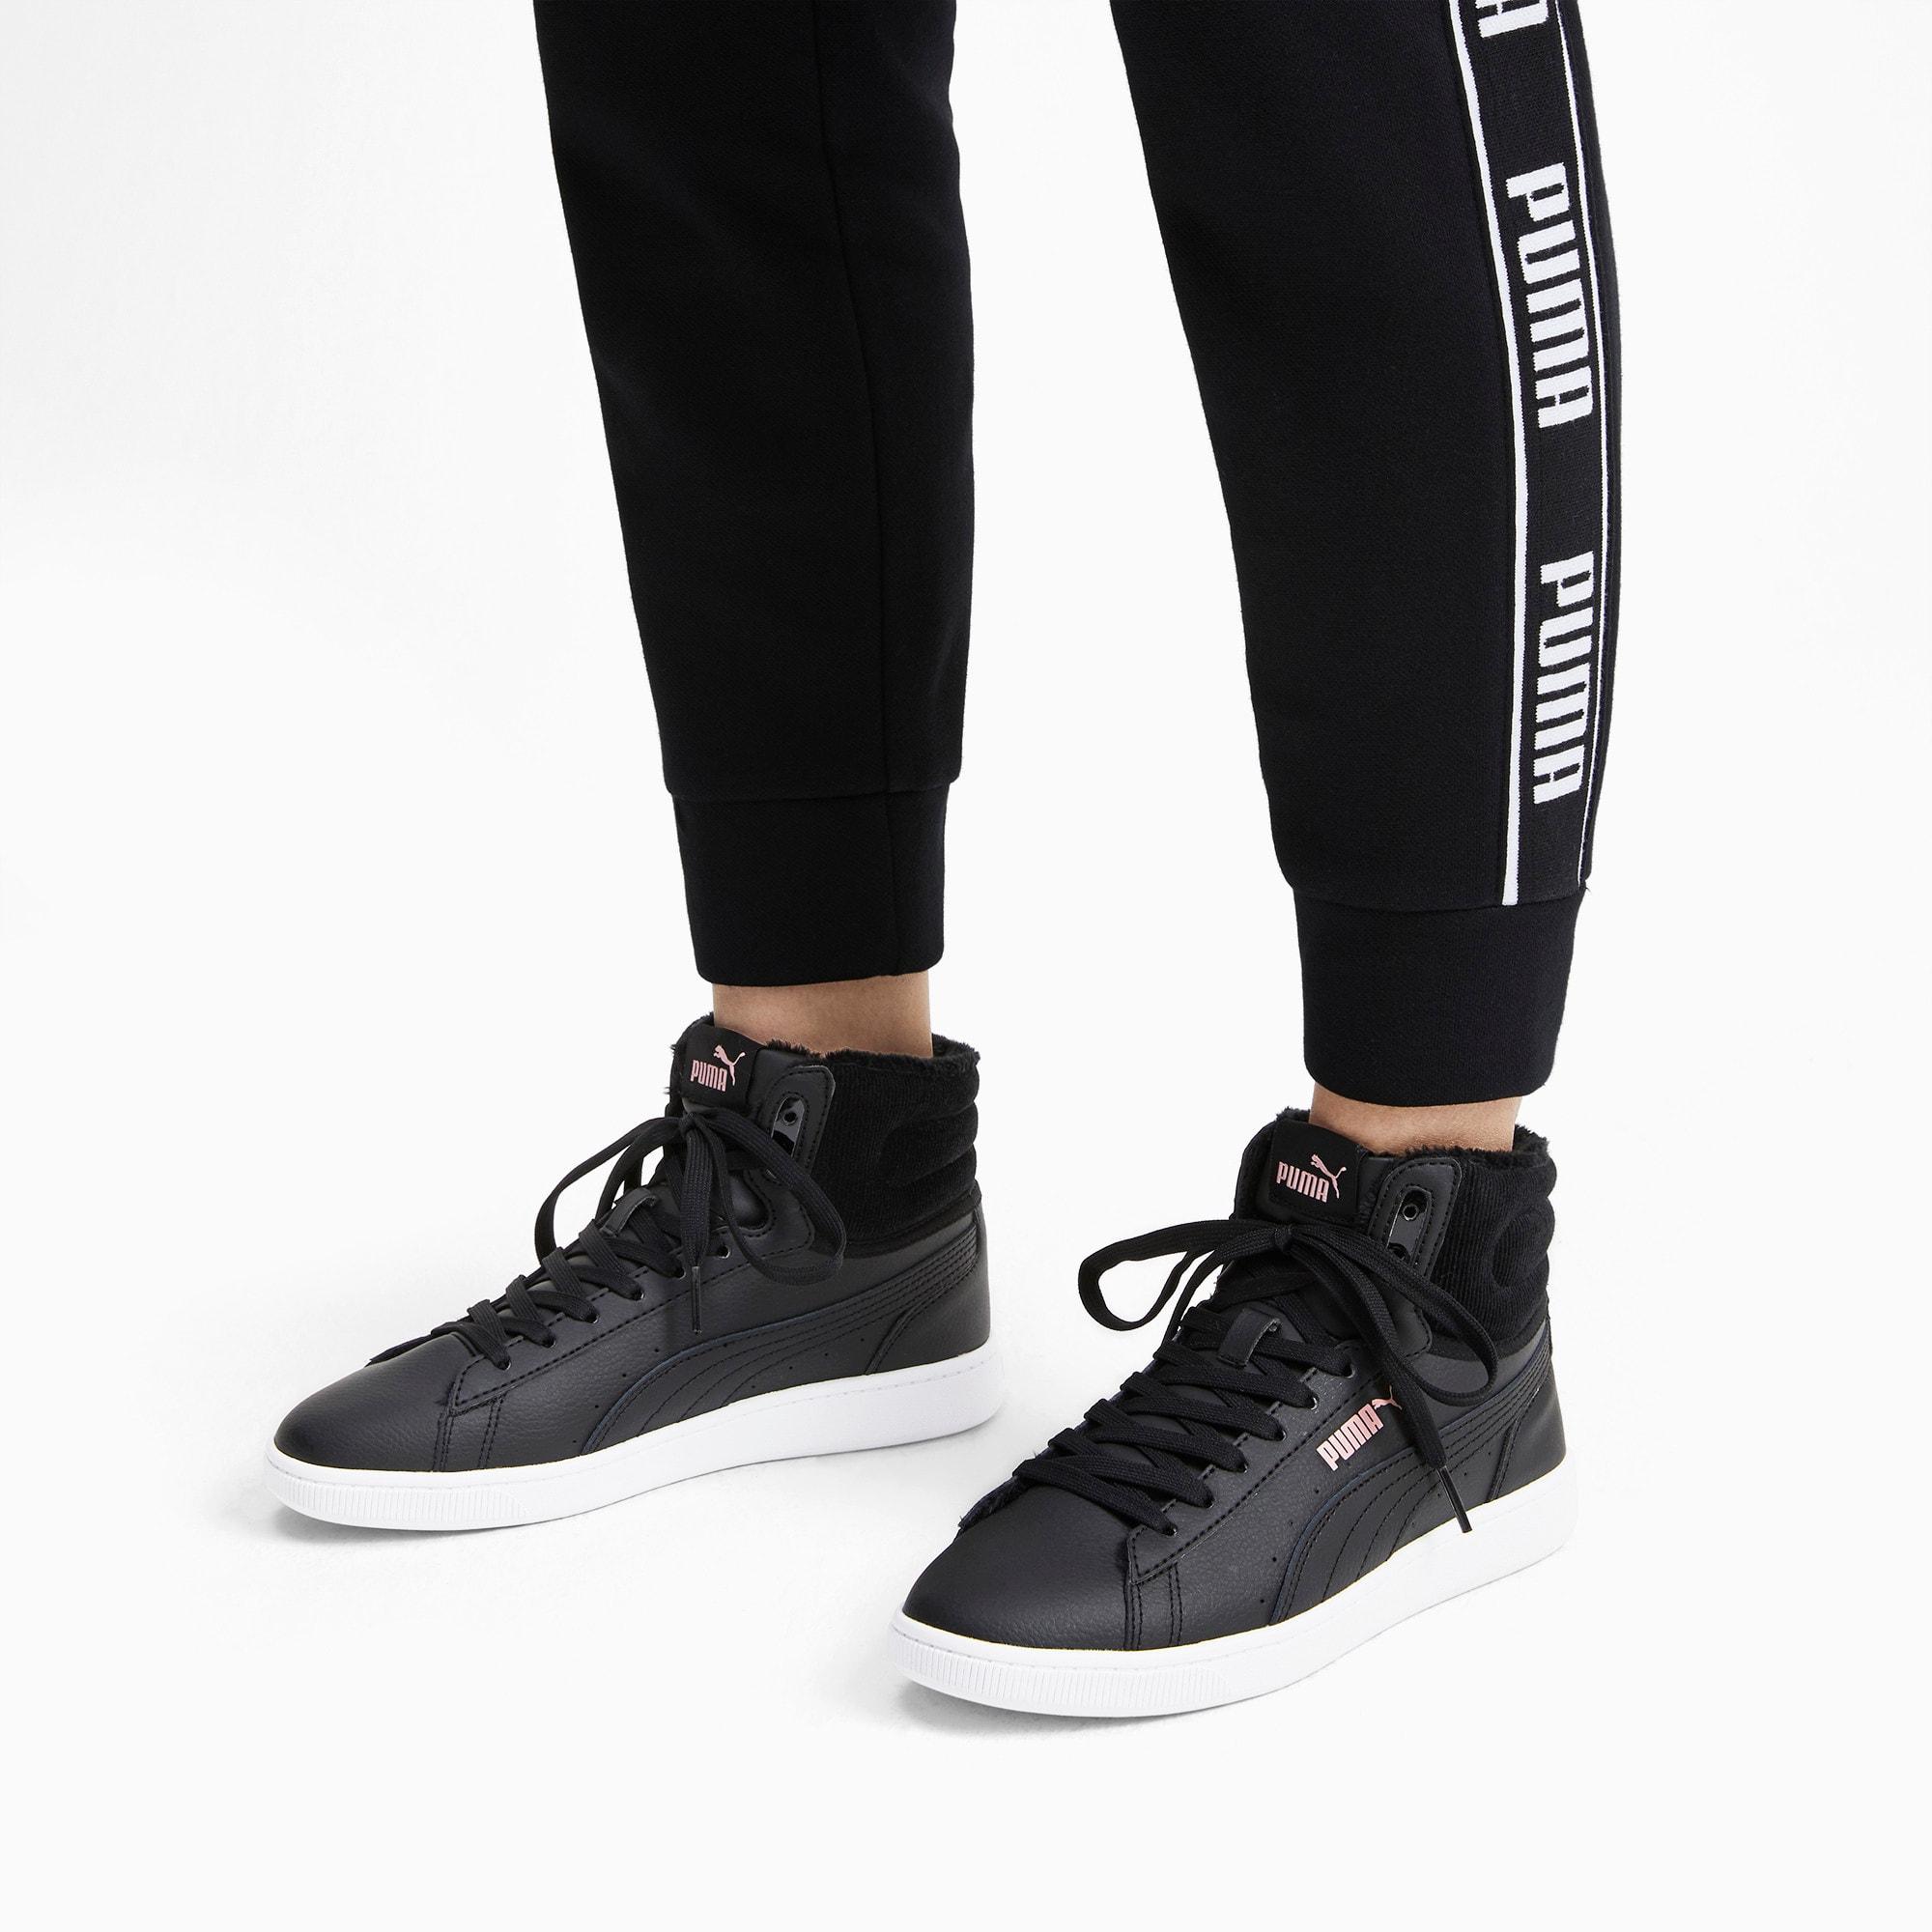 Thumbnail 2 of PUMA Vikky v2 Mid Winter Women's Sneakers, Puma Black-Bridal Rose-White, medium